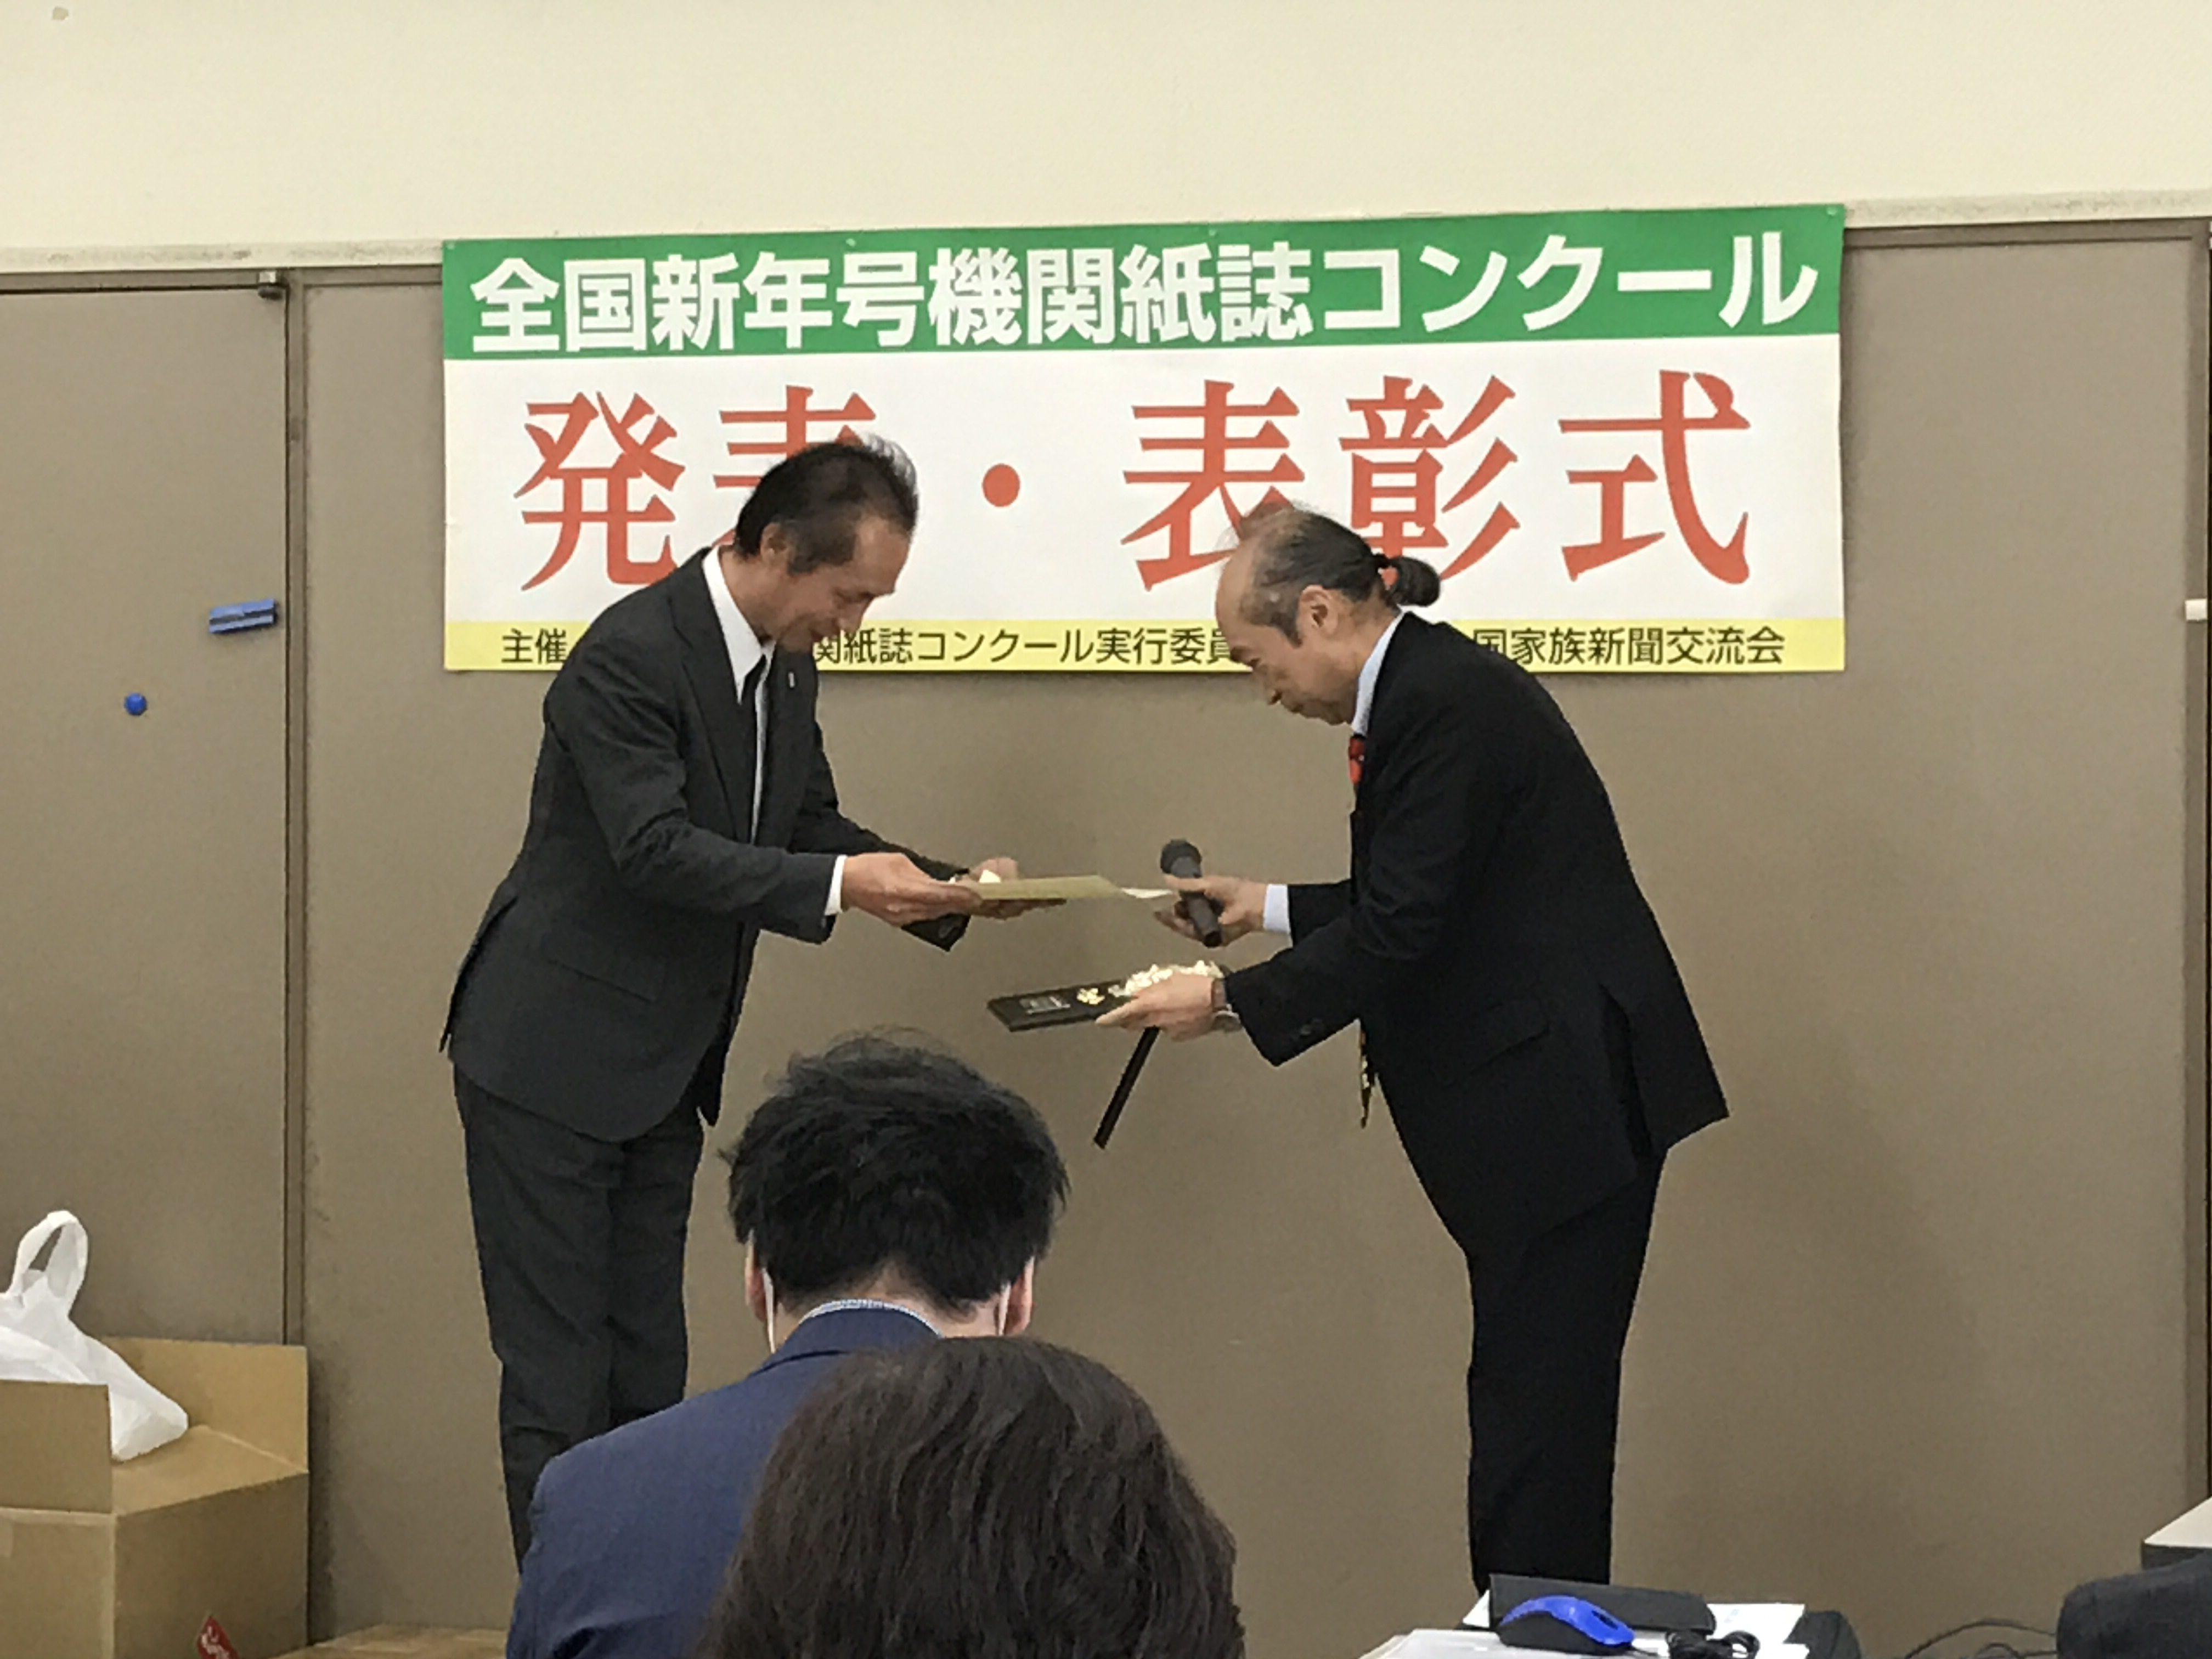 2019全国新年号機関紙誌コンクールで最優秀賞受賞